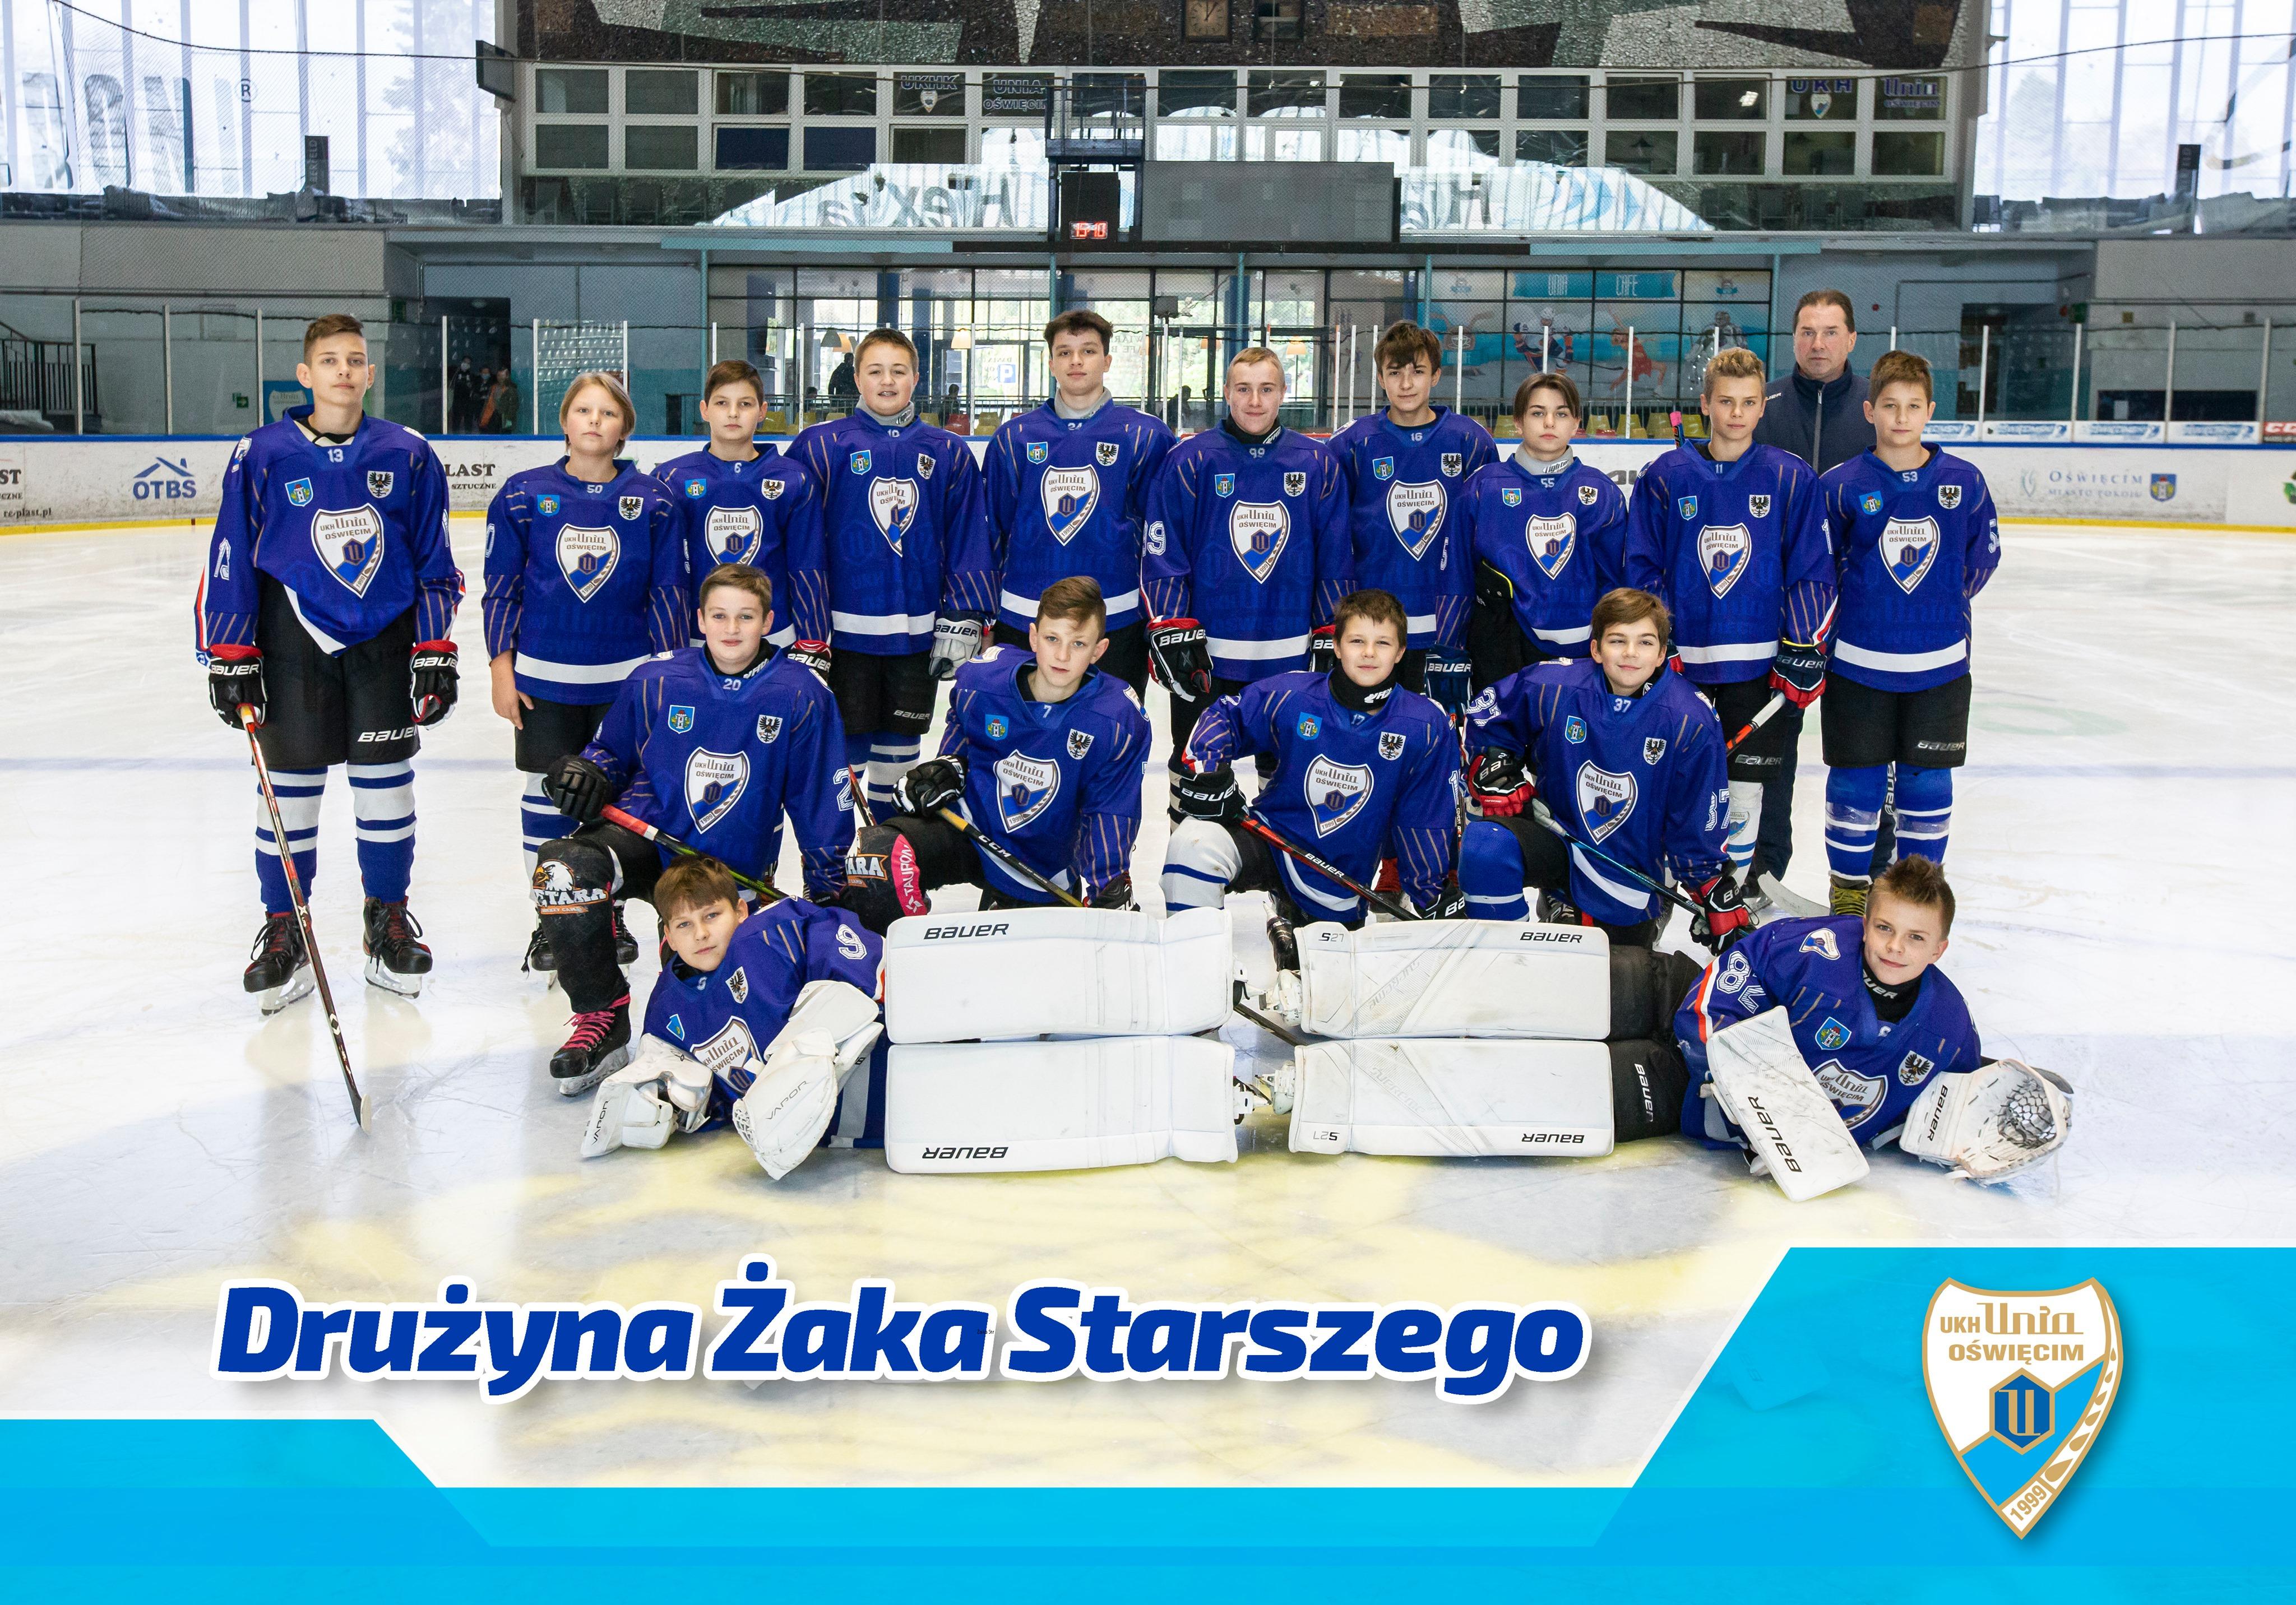 Młodzi hokeiści UKH Unii Oświęcim zajęli trzecie miejsce w karpackiej lidze juniorów U-14. Fot. Dariusz Łakomy/nadesłane